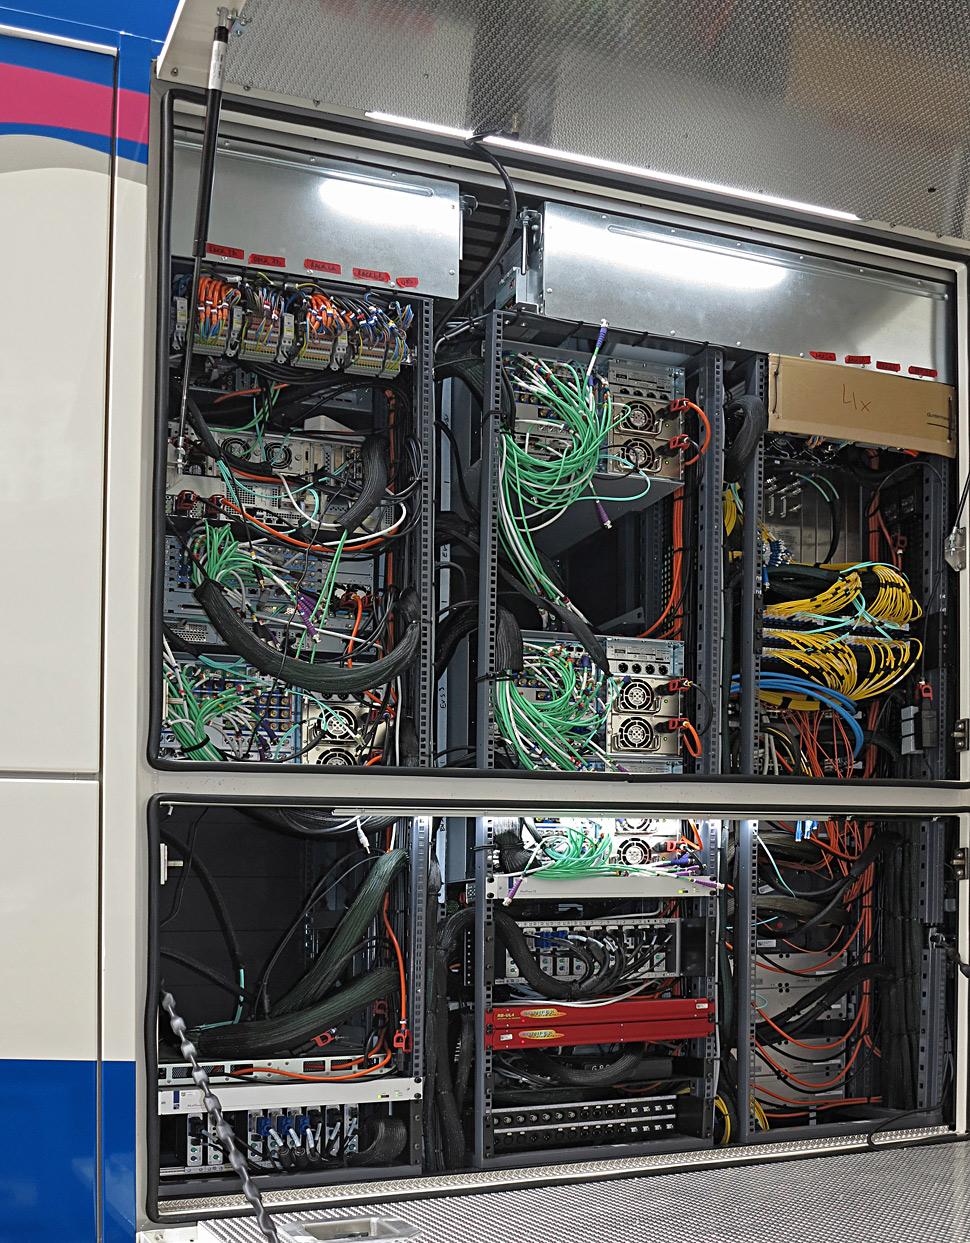 B_0819_TVN_Ue6_Technik_D_01